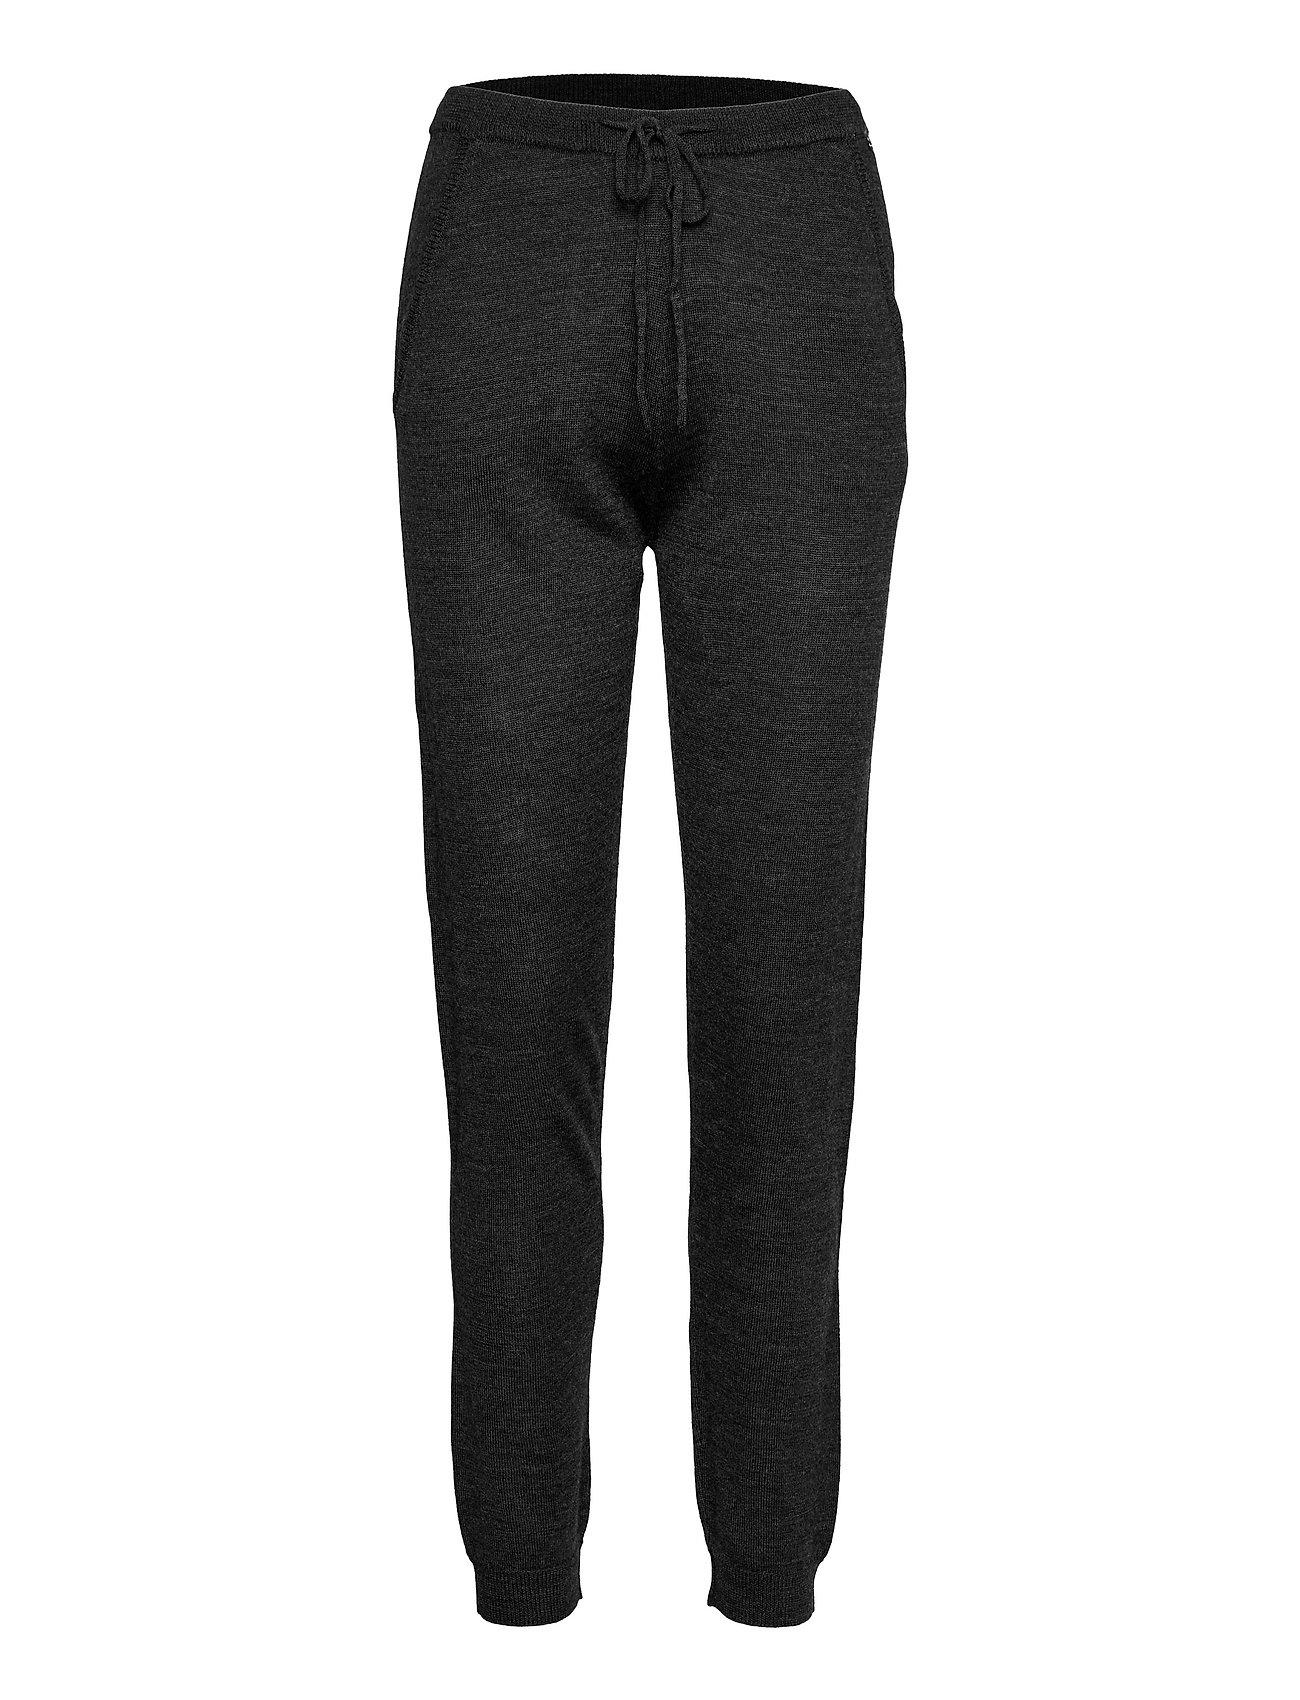 Merino Trousers Casual Bukser Grå Rosemunde